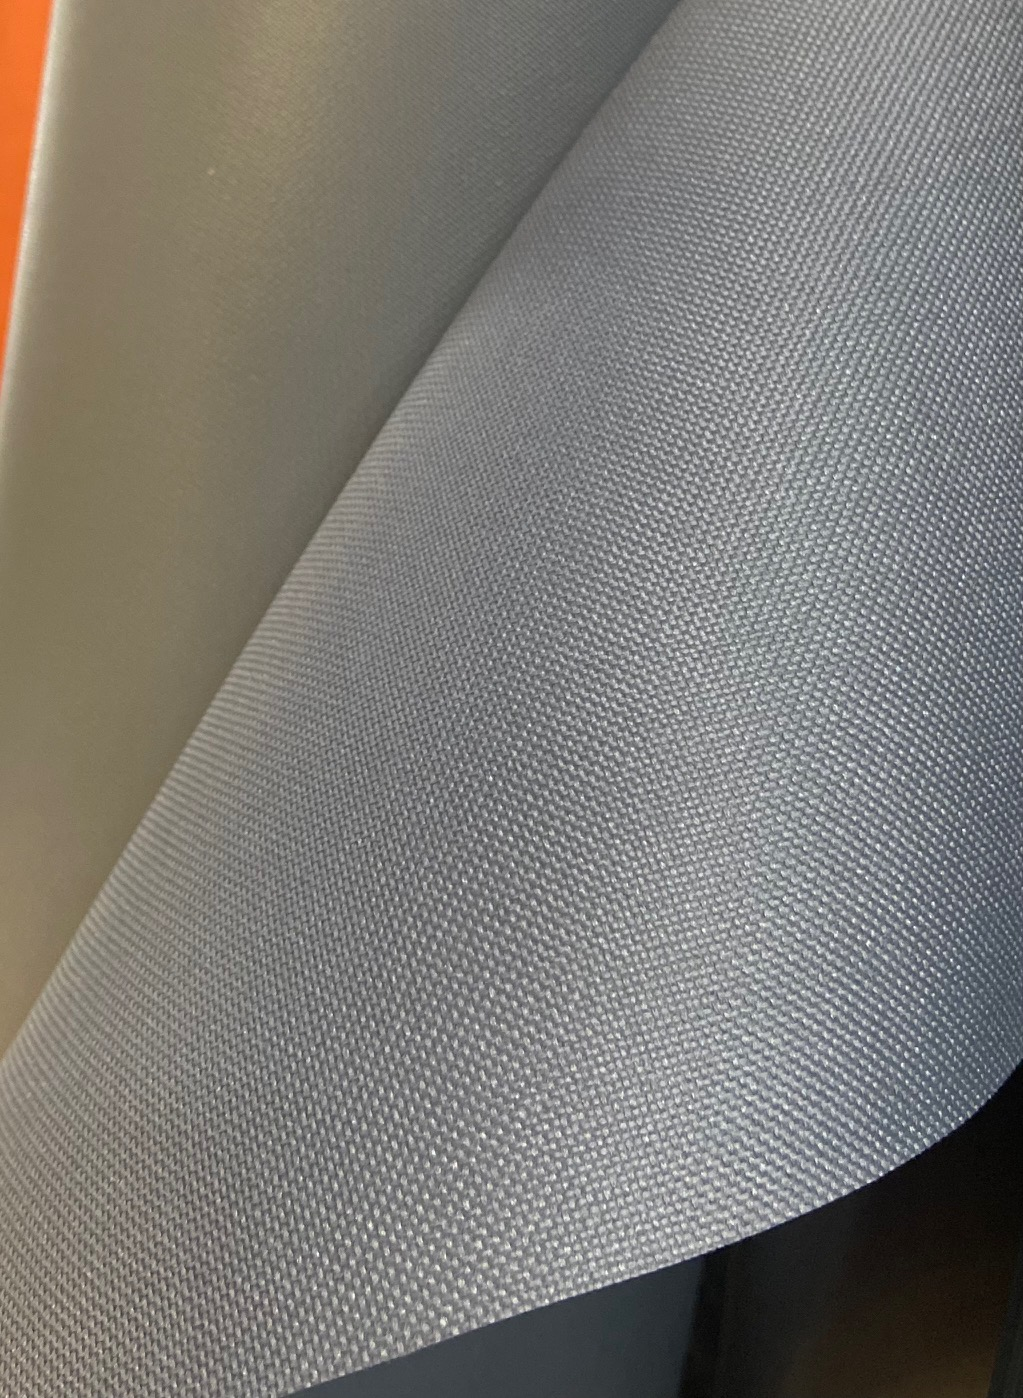 Audums Kodura, 600Dx300D PVC, 134, bl.350g/m², pl.150cm. Bezmaksas piegāde!